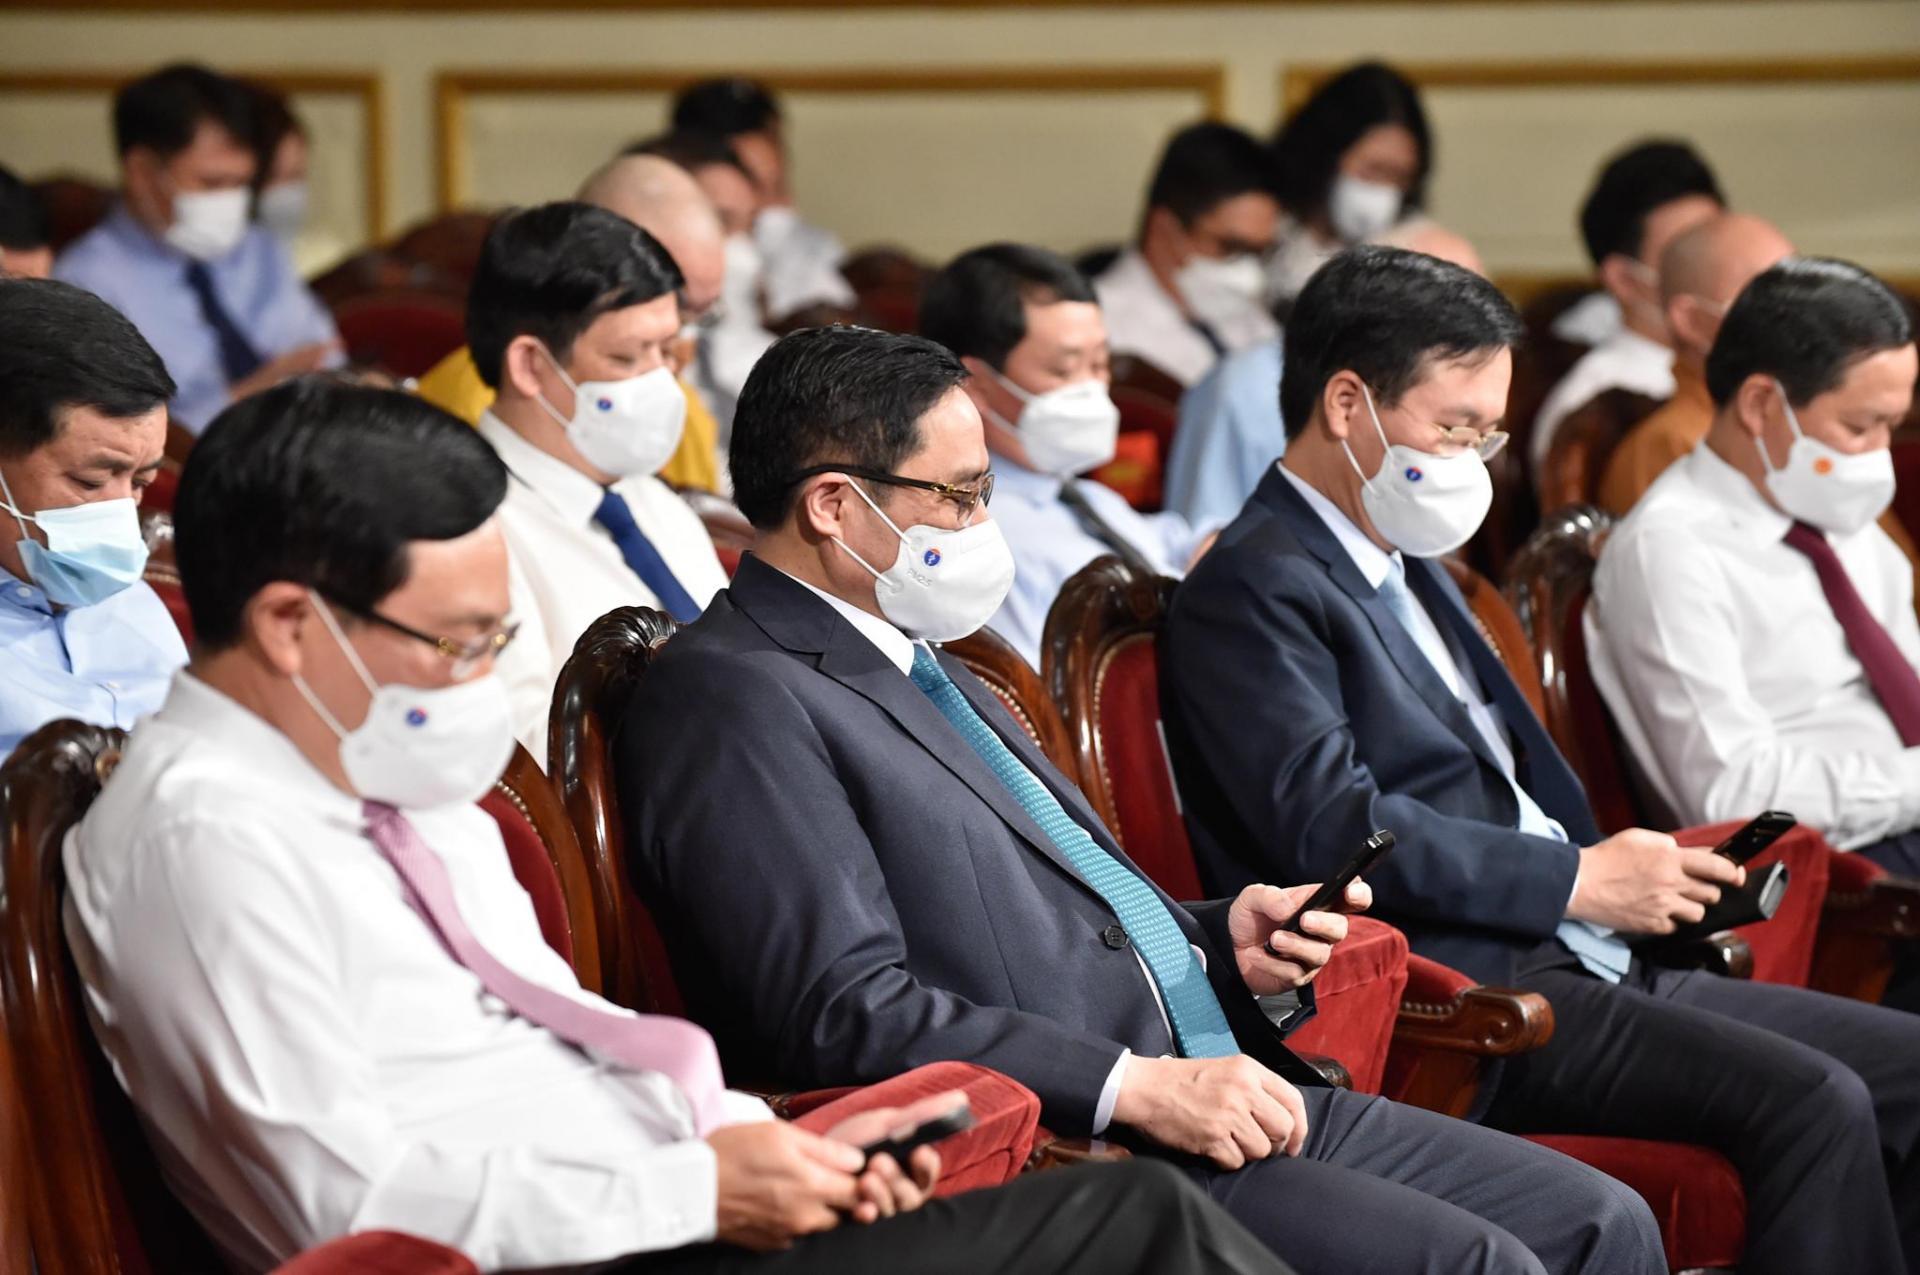 Thủ tướng Phạm Minh Chính nhắn tin ủng hộ cho Quỹ vaccine phòng chống COVID-19 của Chính phủ thông qua cổng 1400.